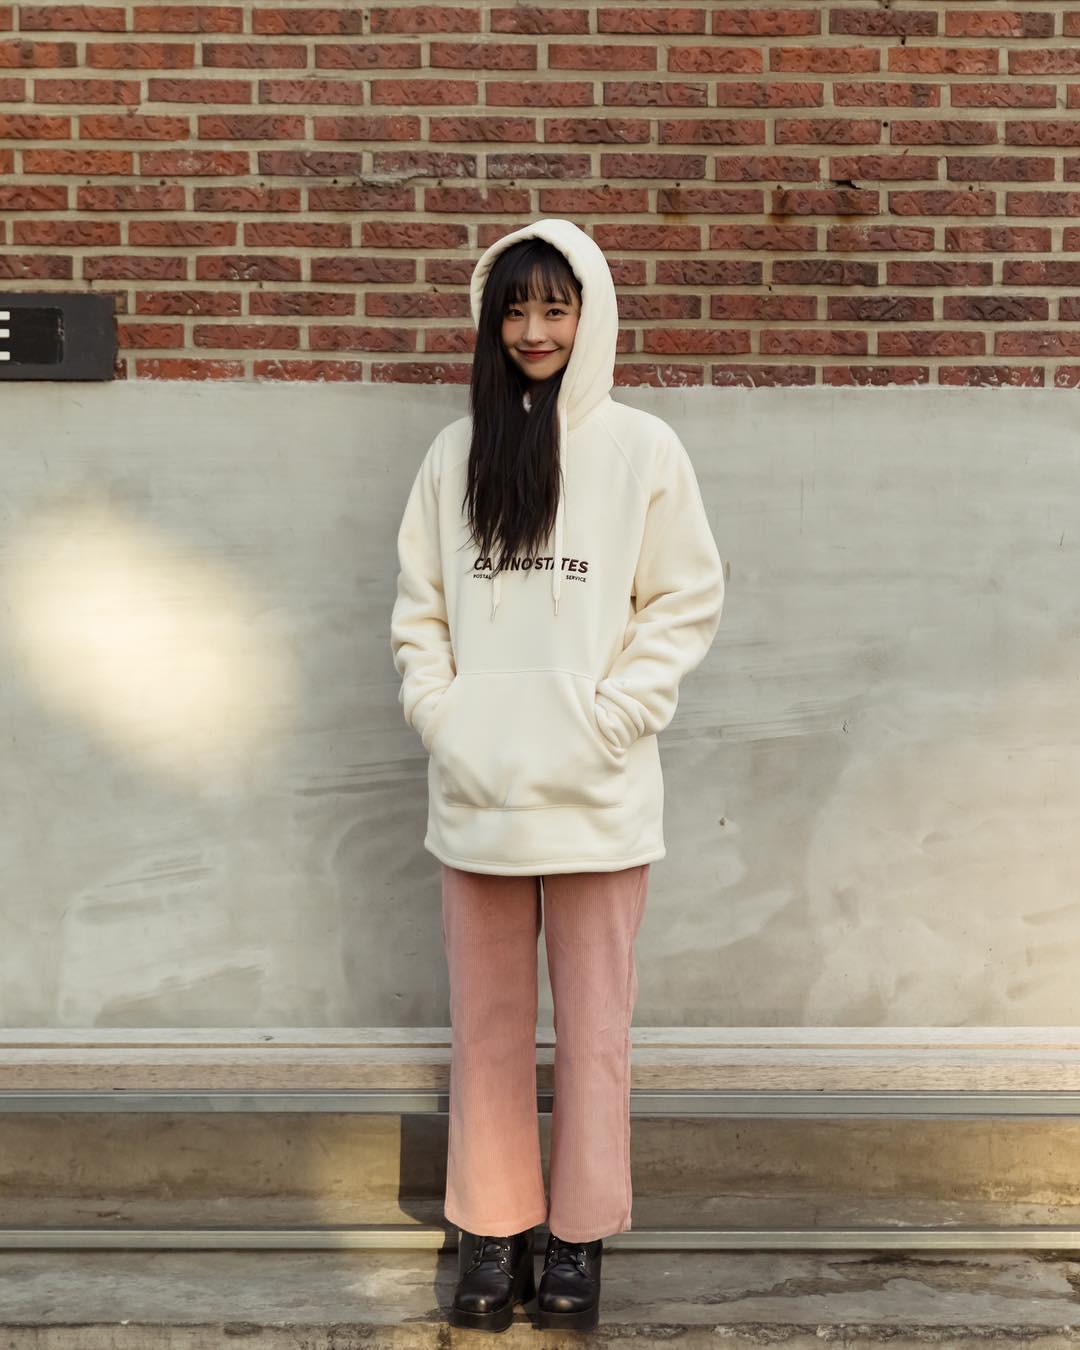 Mê phong cách đơn giản, bụi bặm hay chanh xả, bạn cũng sẽ bỏ túi được cả rổ gợi ý từ street style tuần qua của giới trẻ Hàn - Ảnh 4.